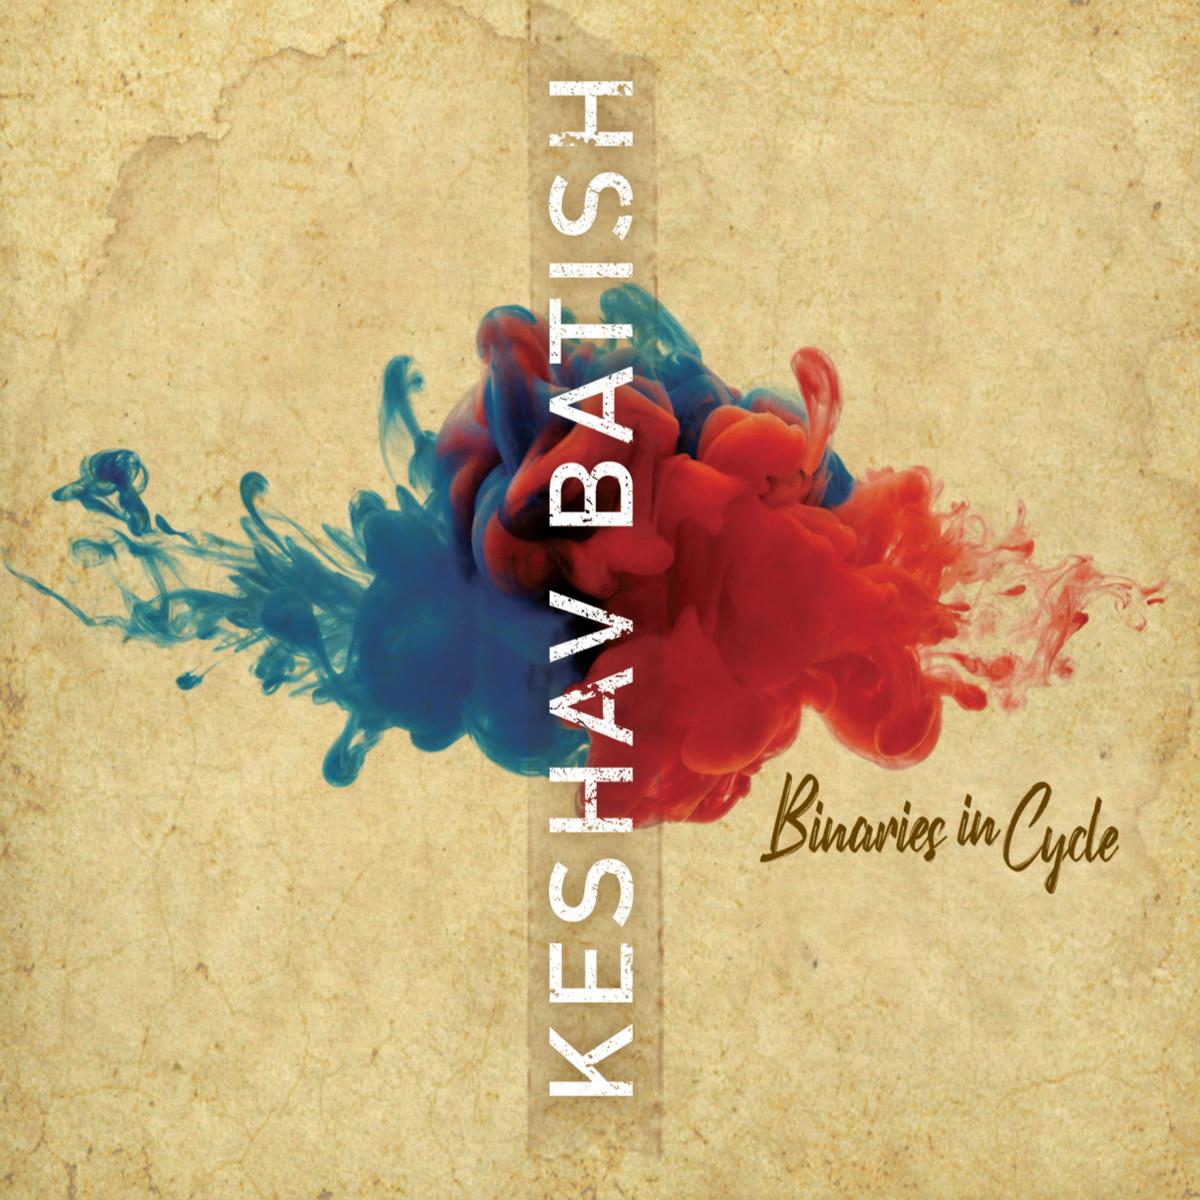 Keshav Batish